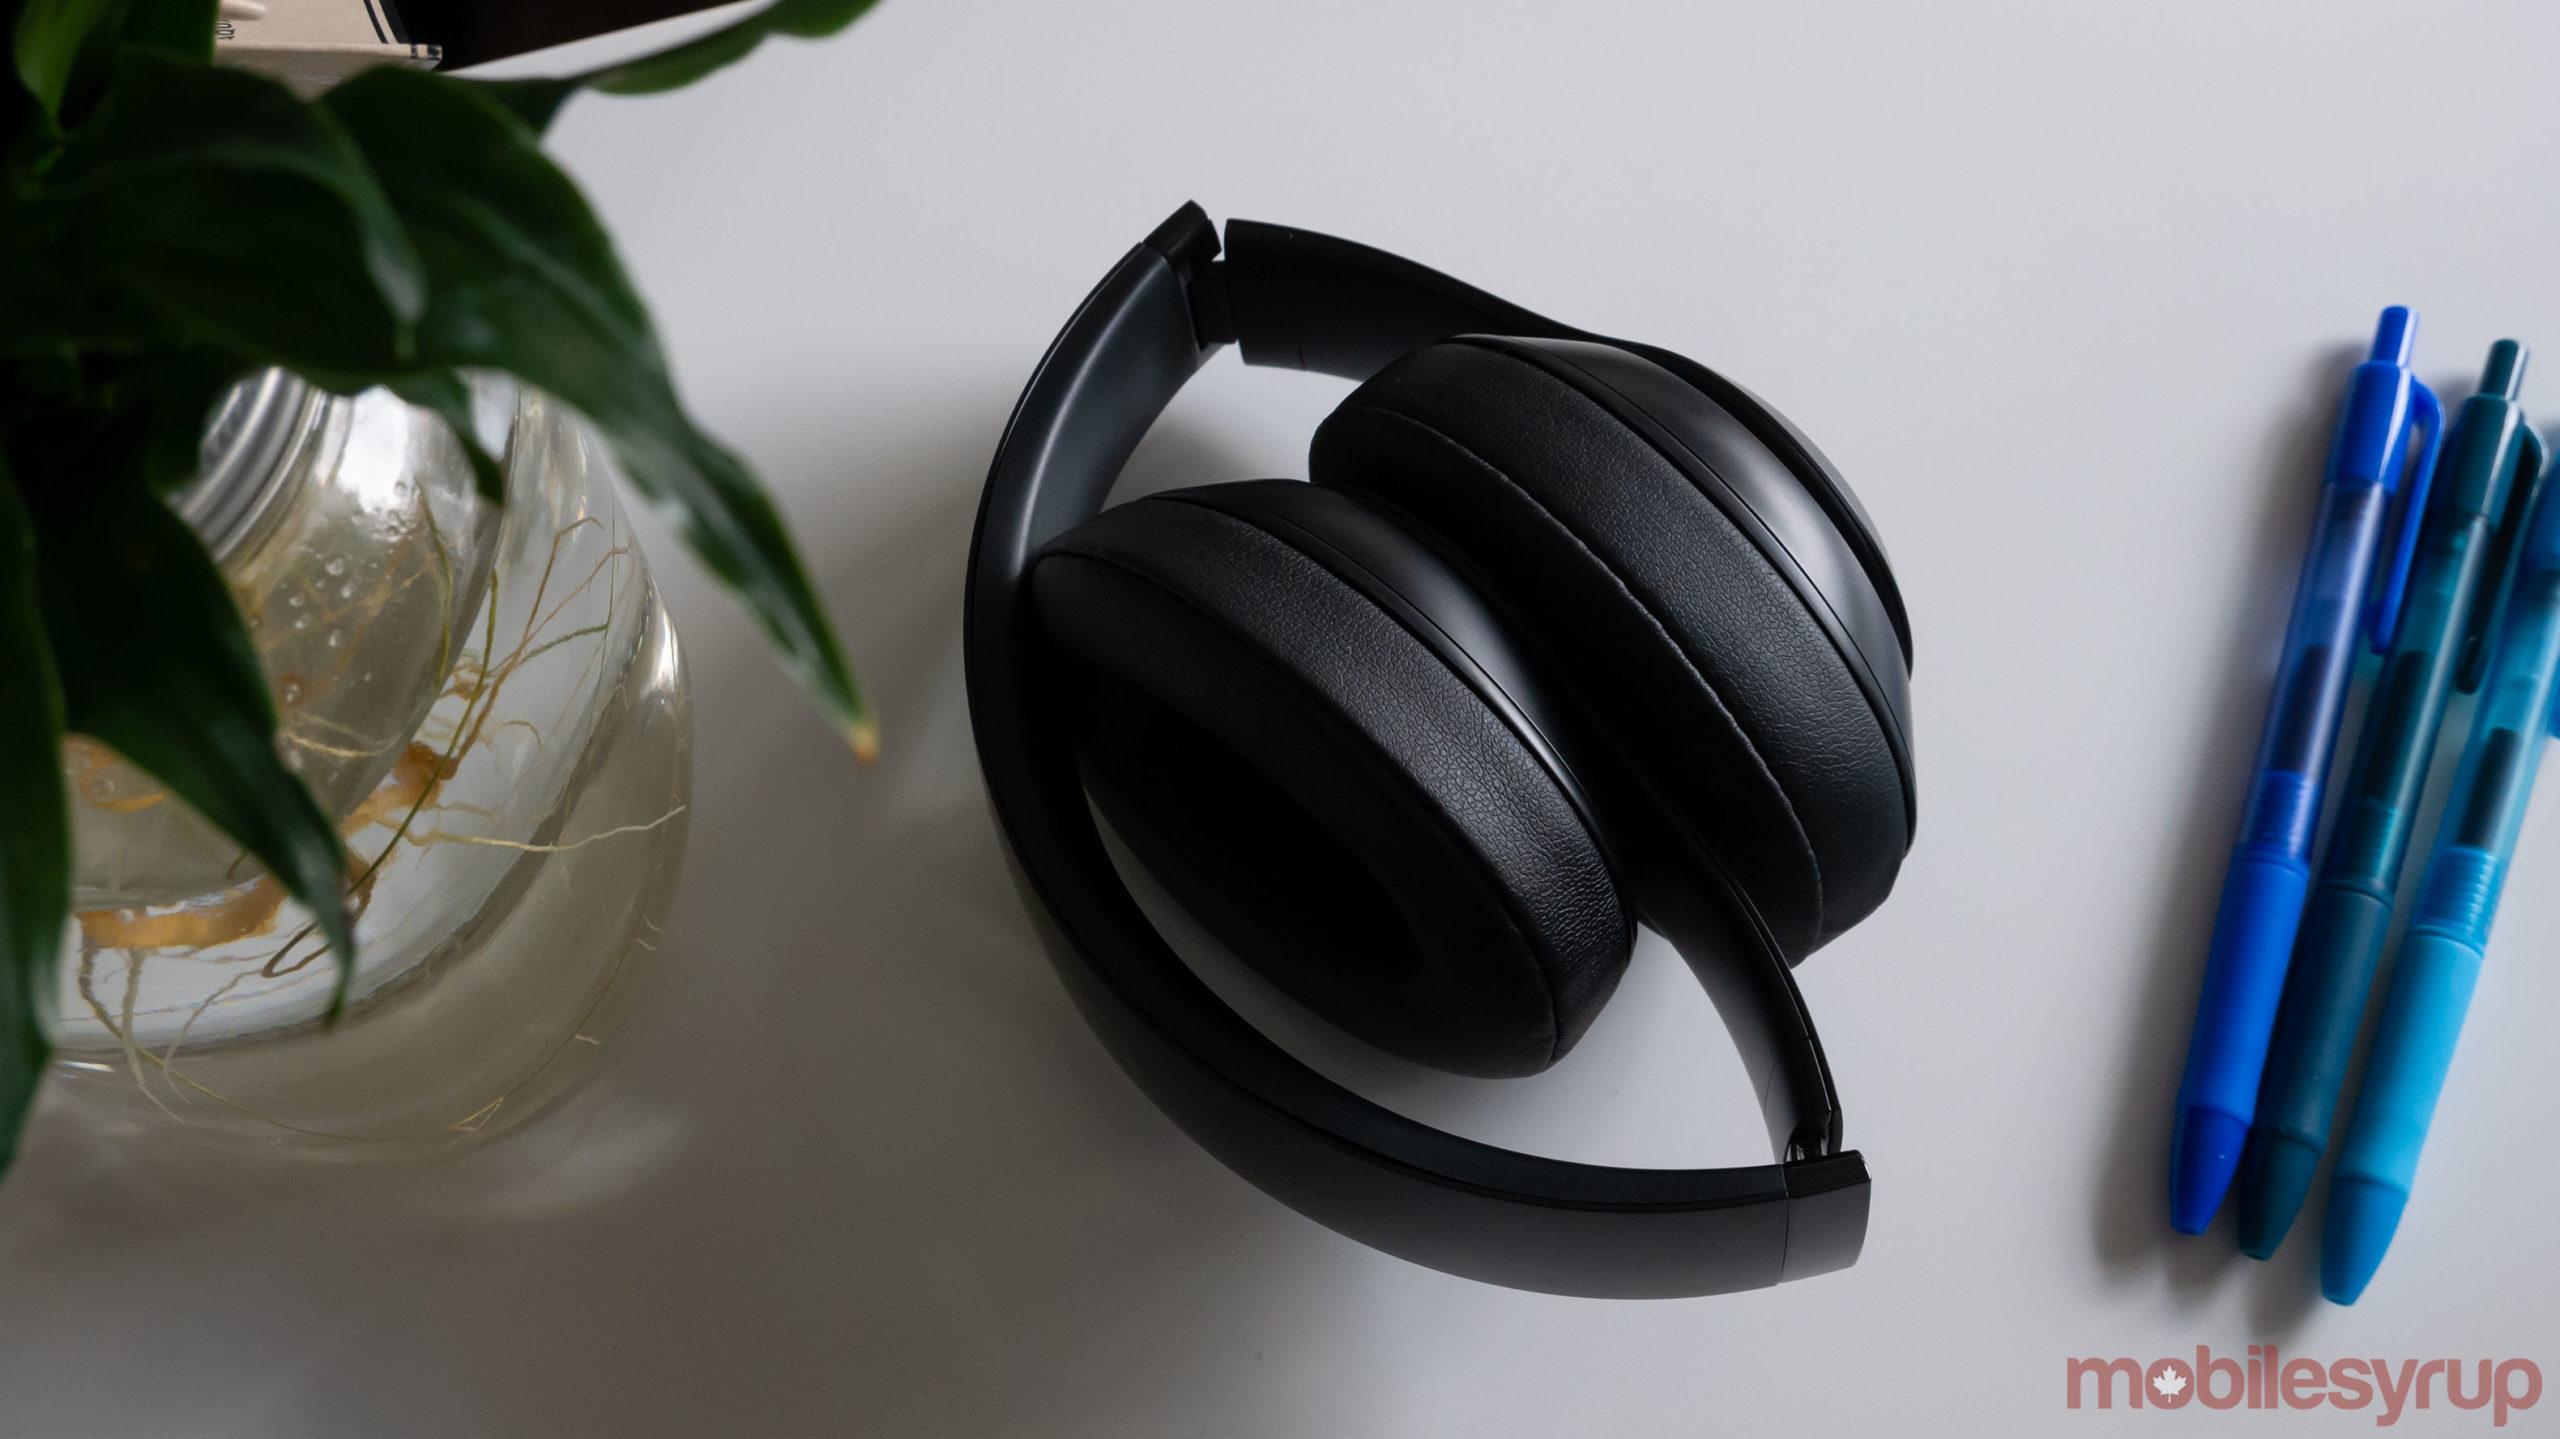 Beats Studio 3 headphones